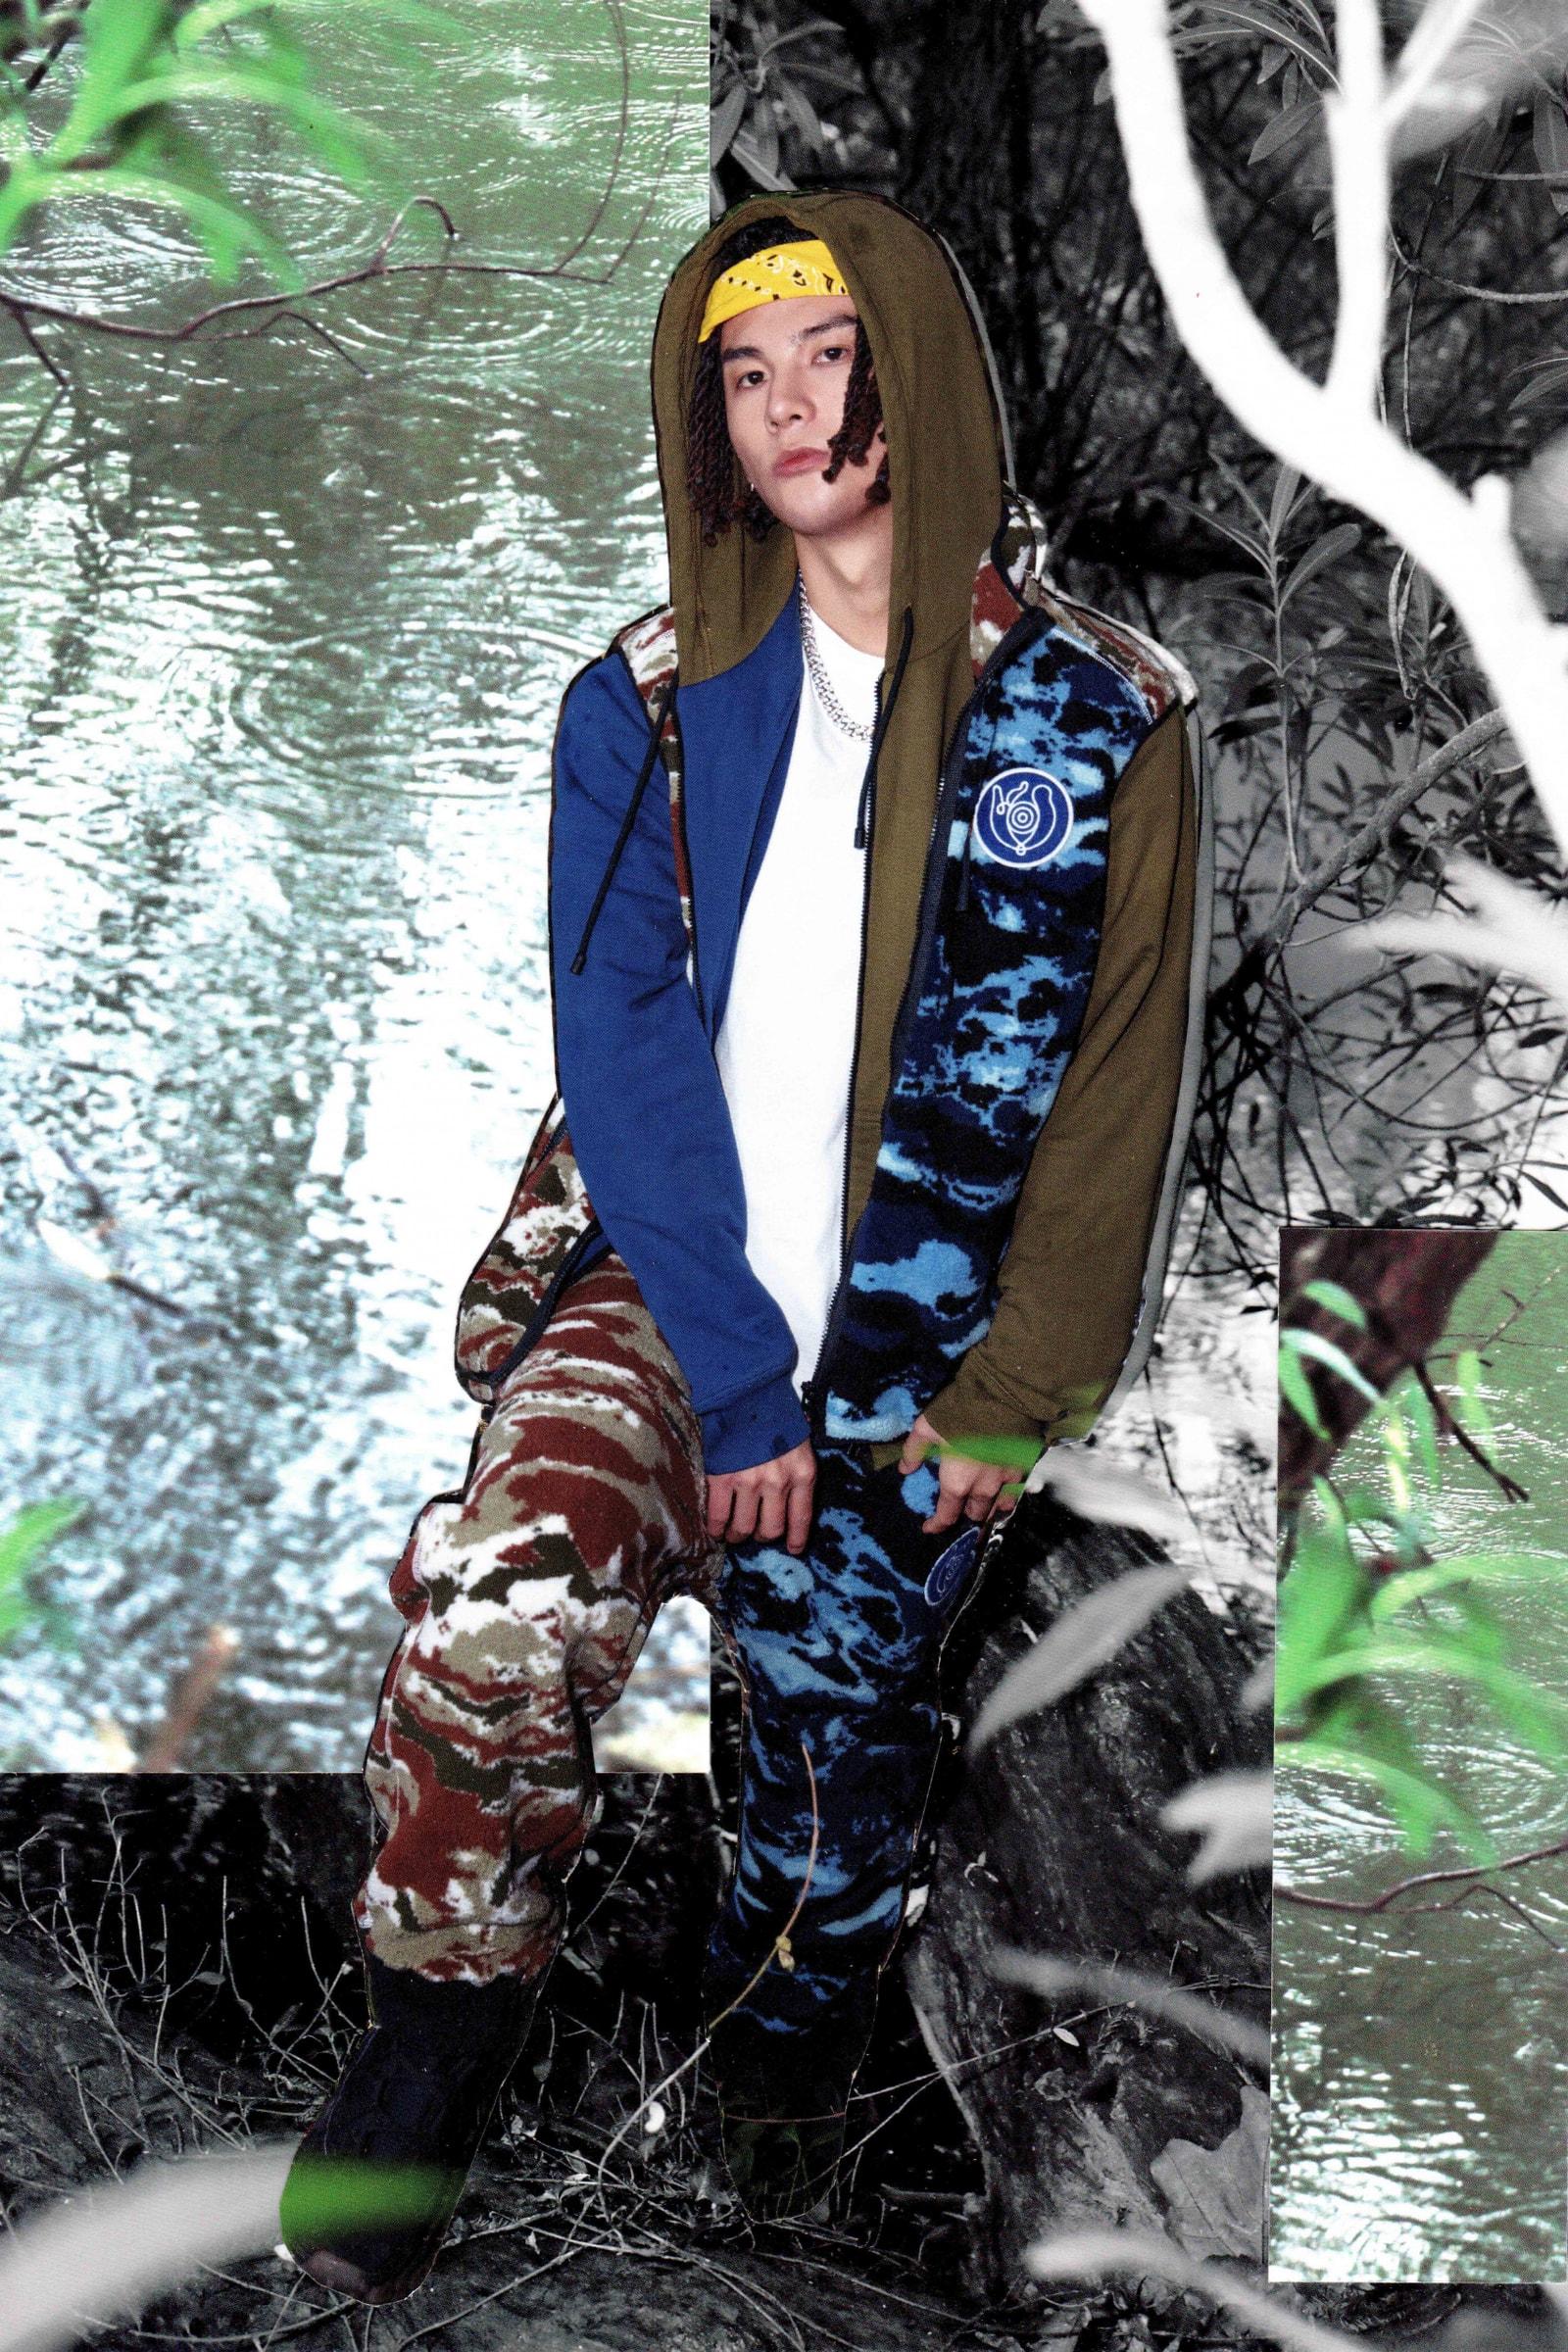 用 LOEWE 的时装语言,重新解构人与自然的关系